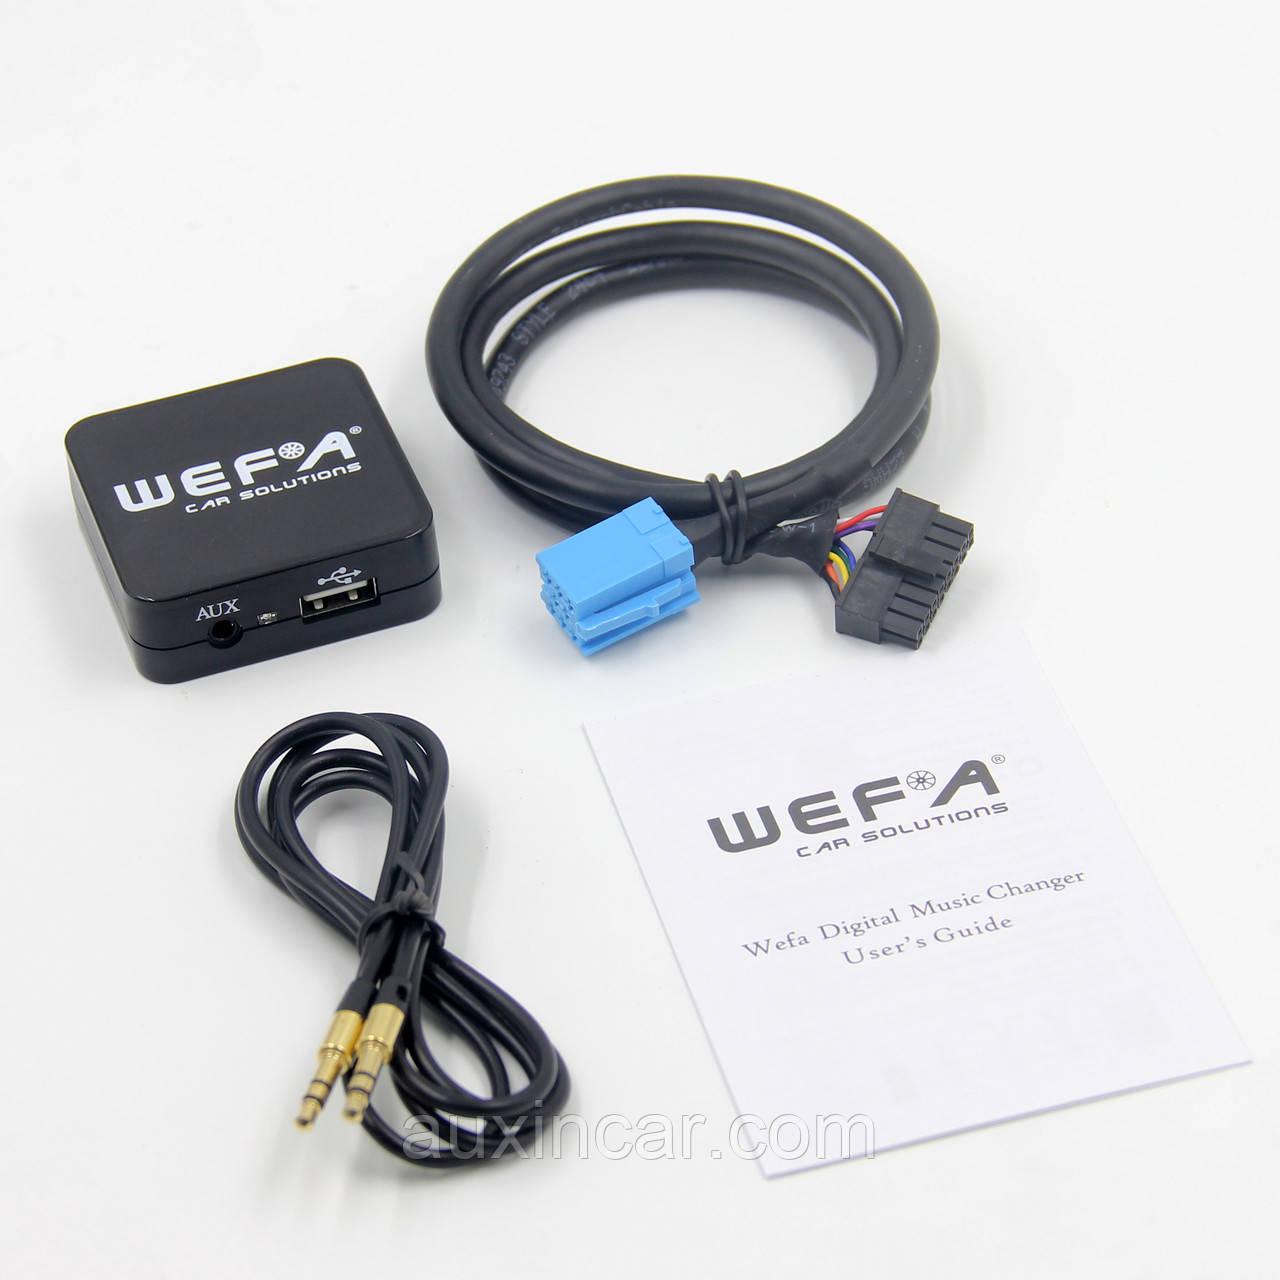 Автомобільний mp3 адаптер WEFA WF-605 MP3/USB/AUX для Fiat 8p